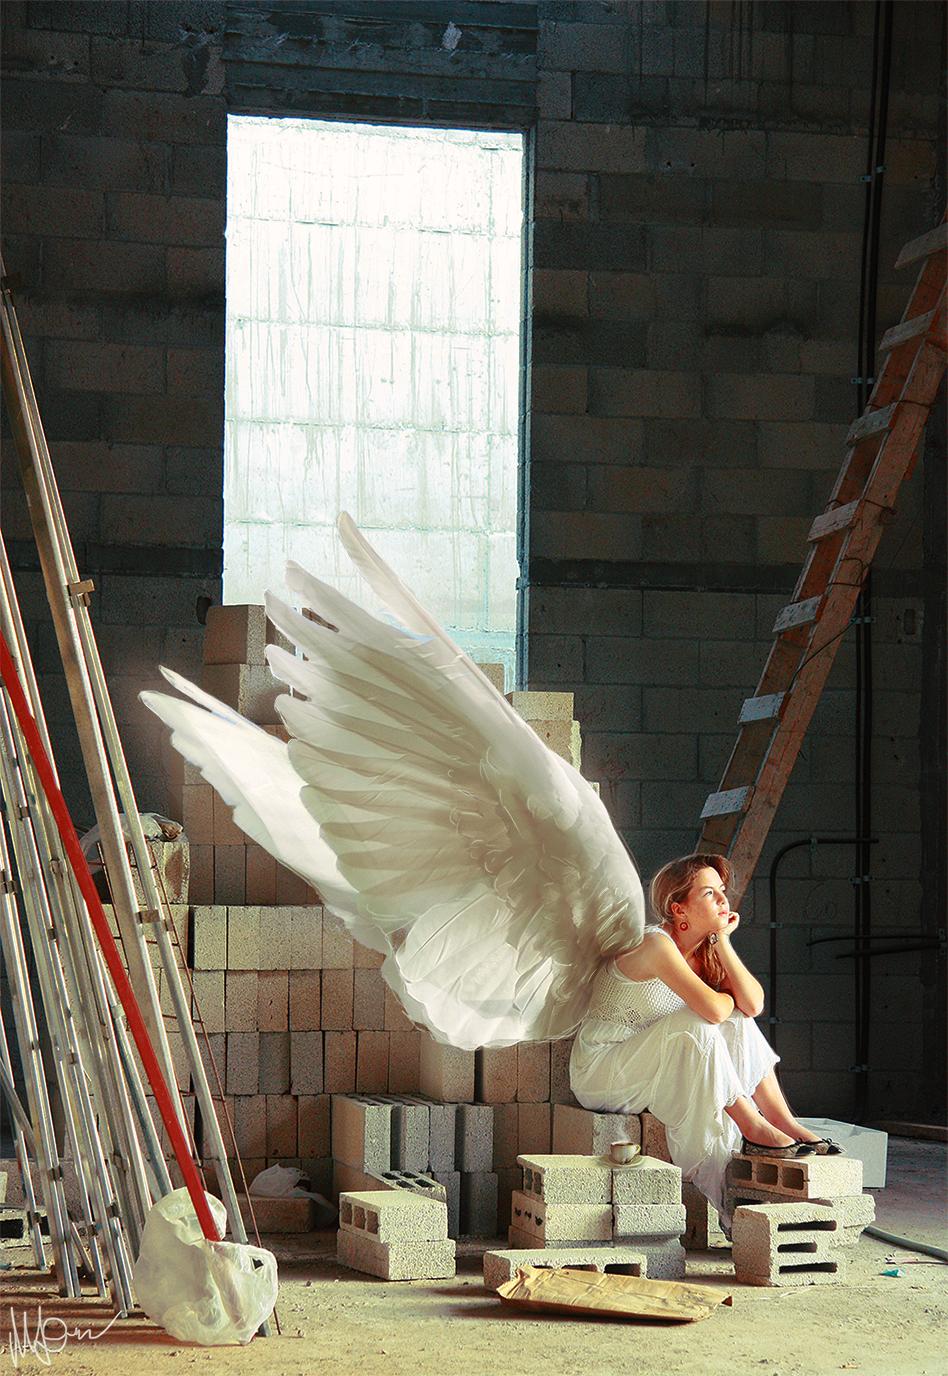 Morning angel by Gejda